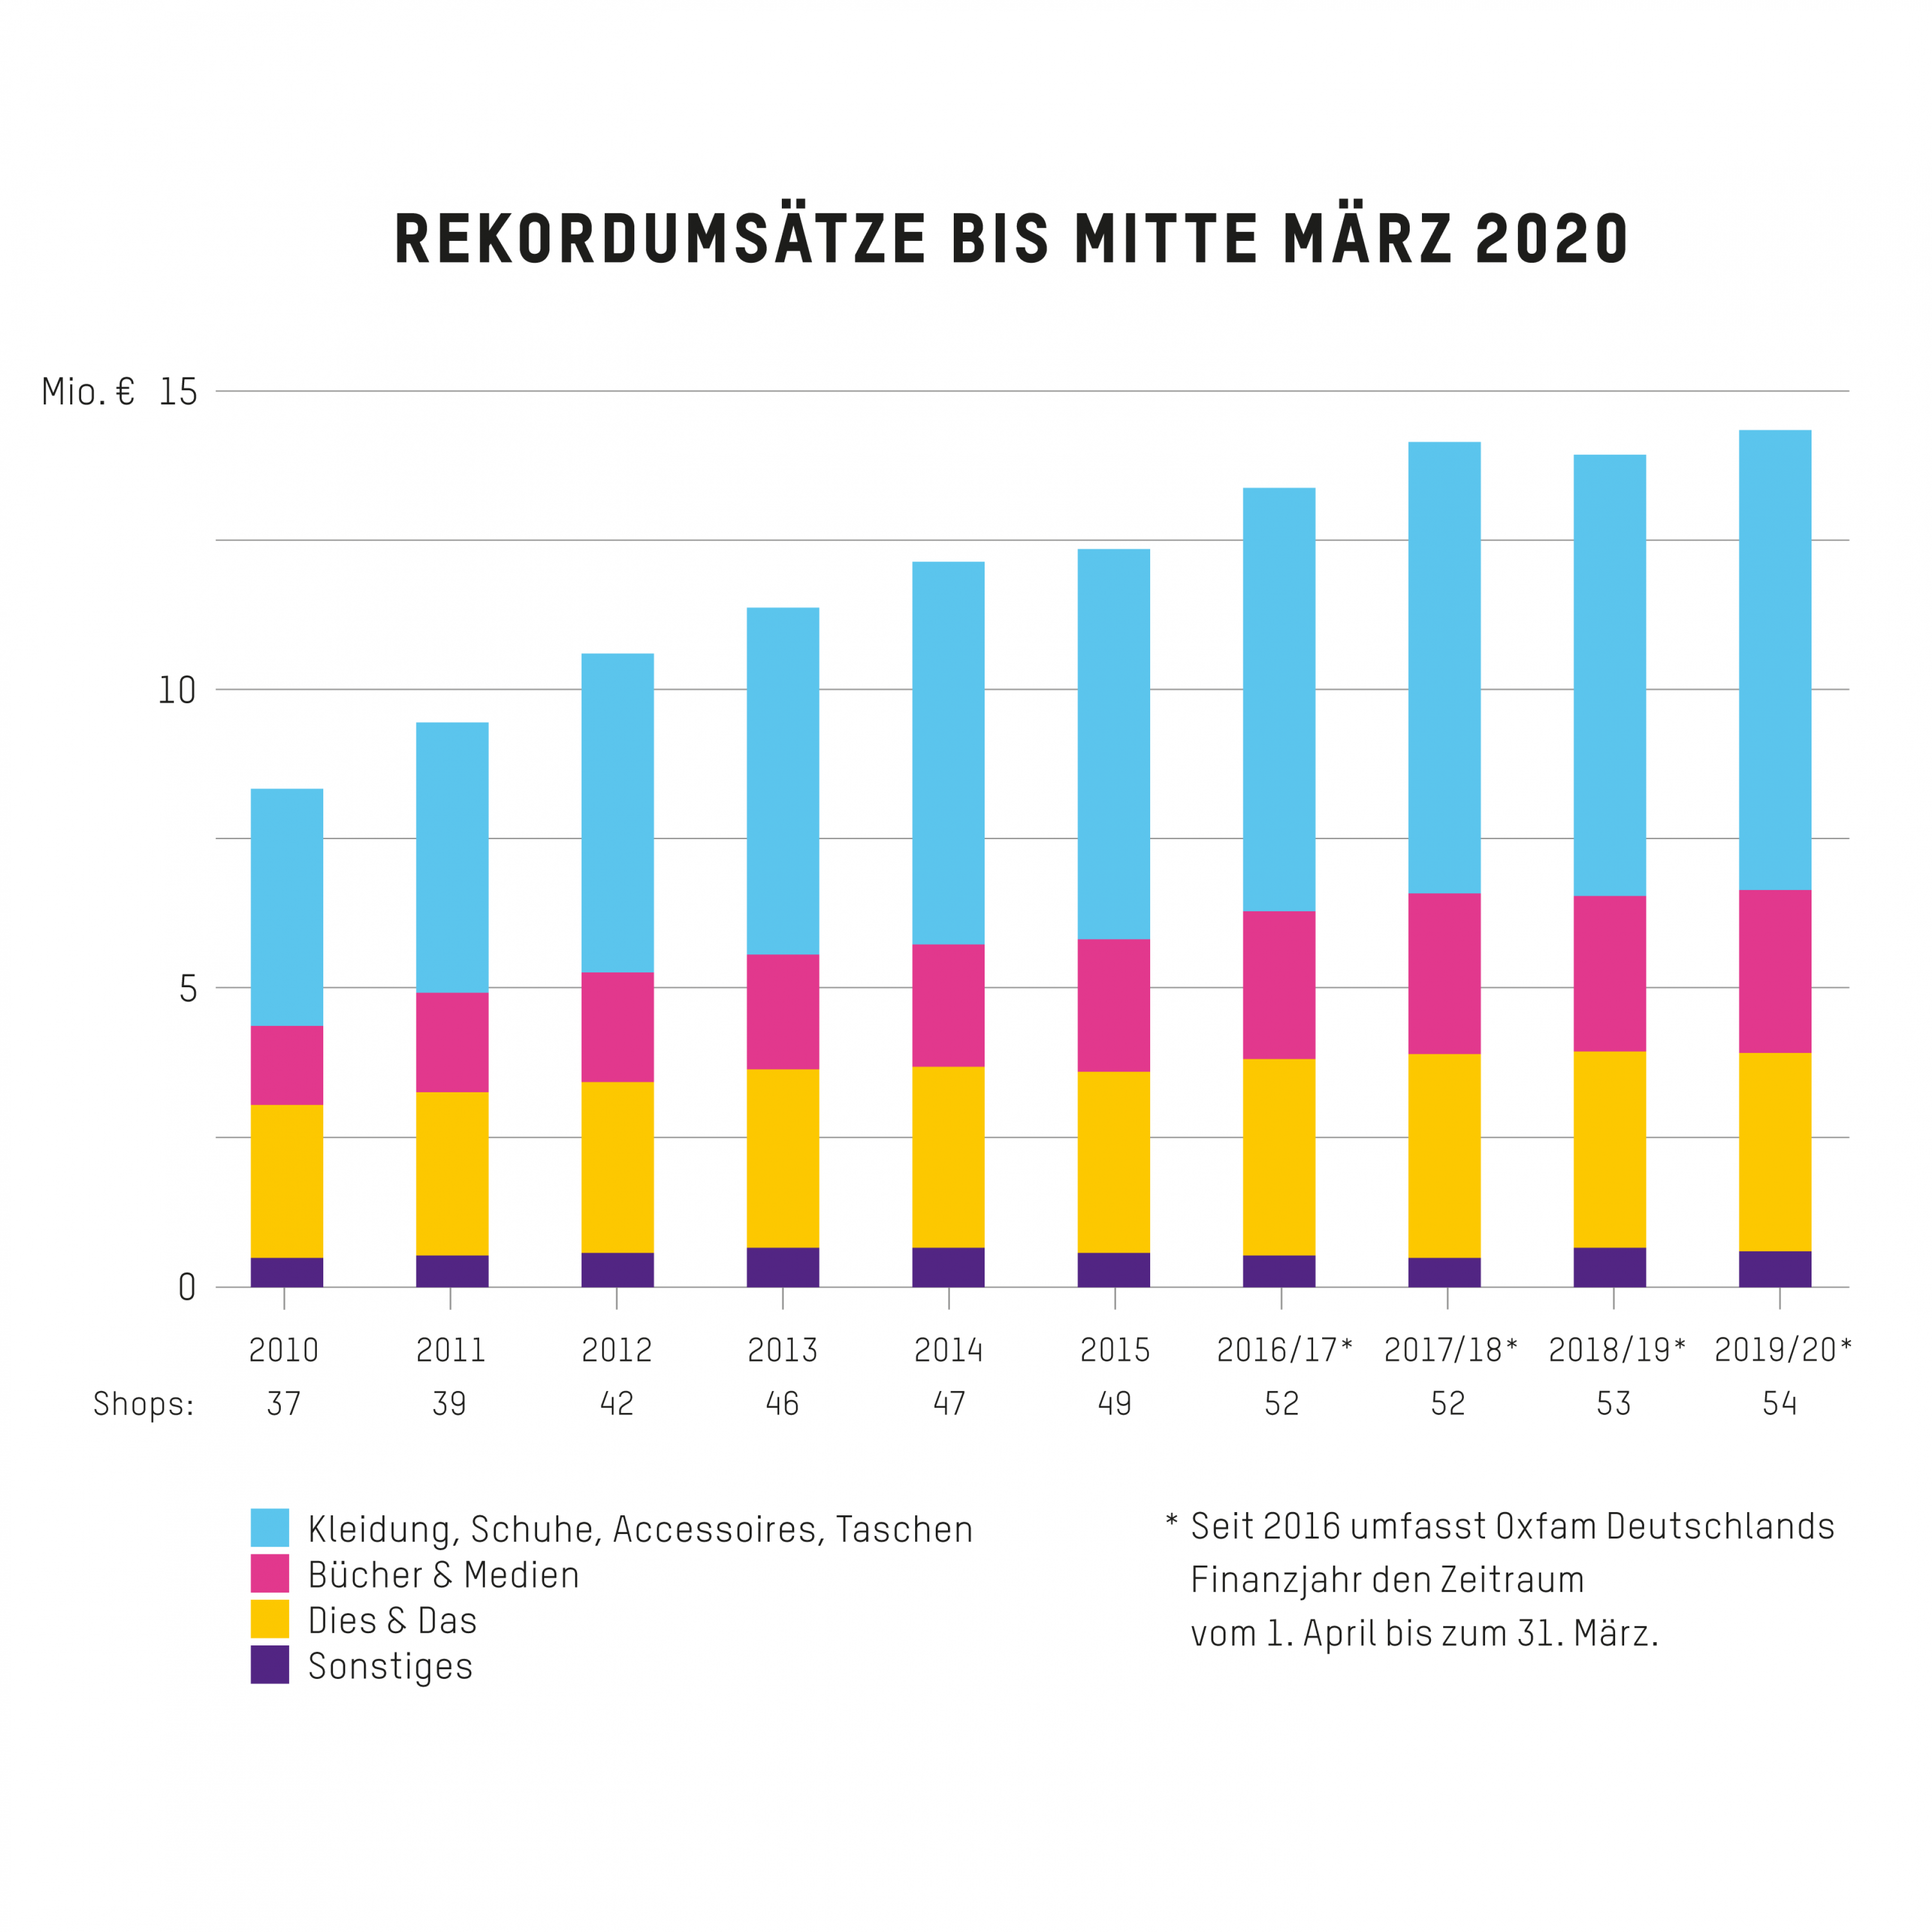 Rekordumsätze bis Mitte März 2020